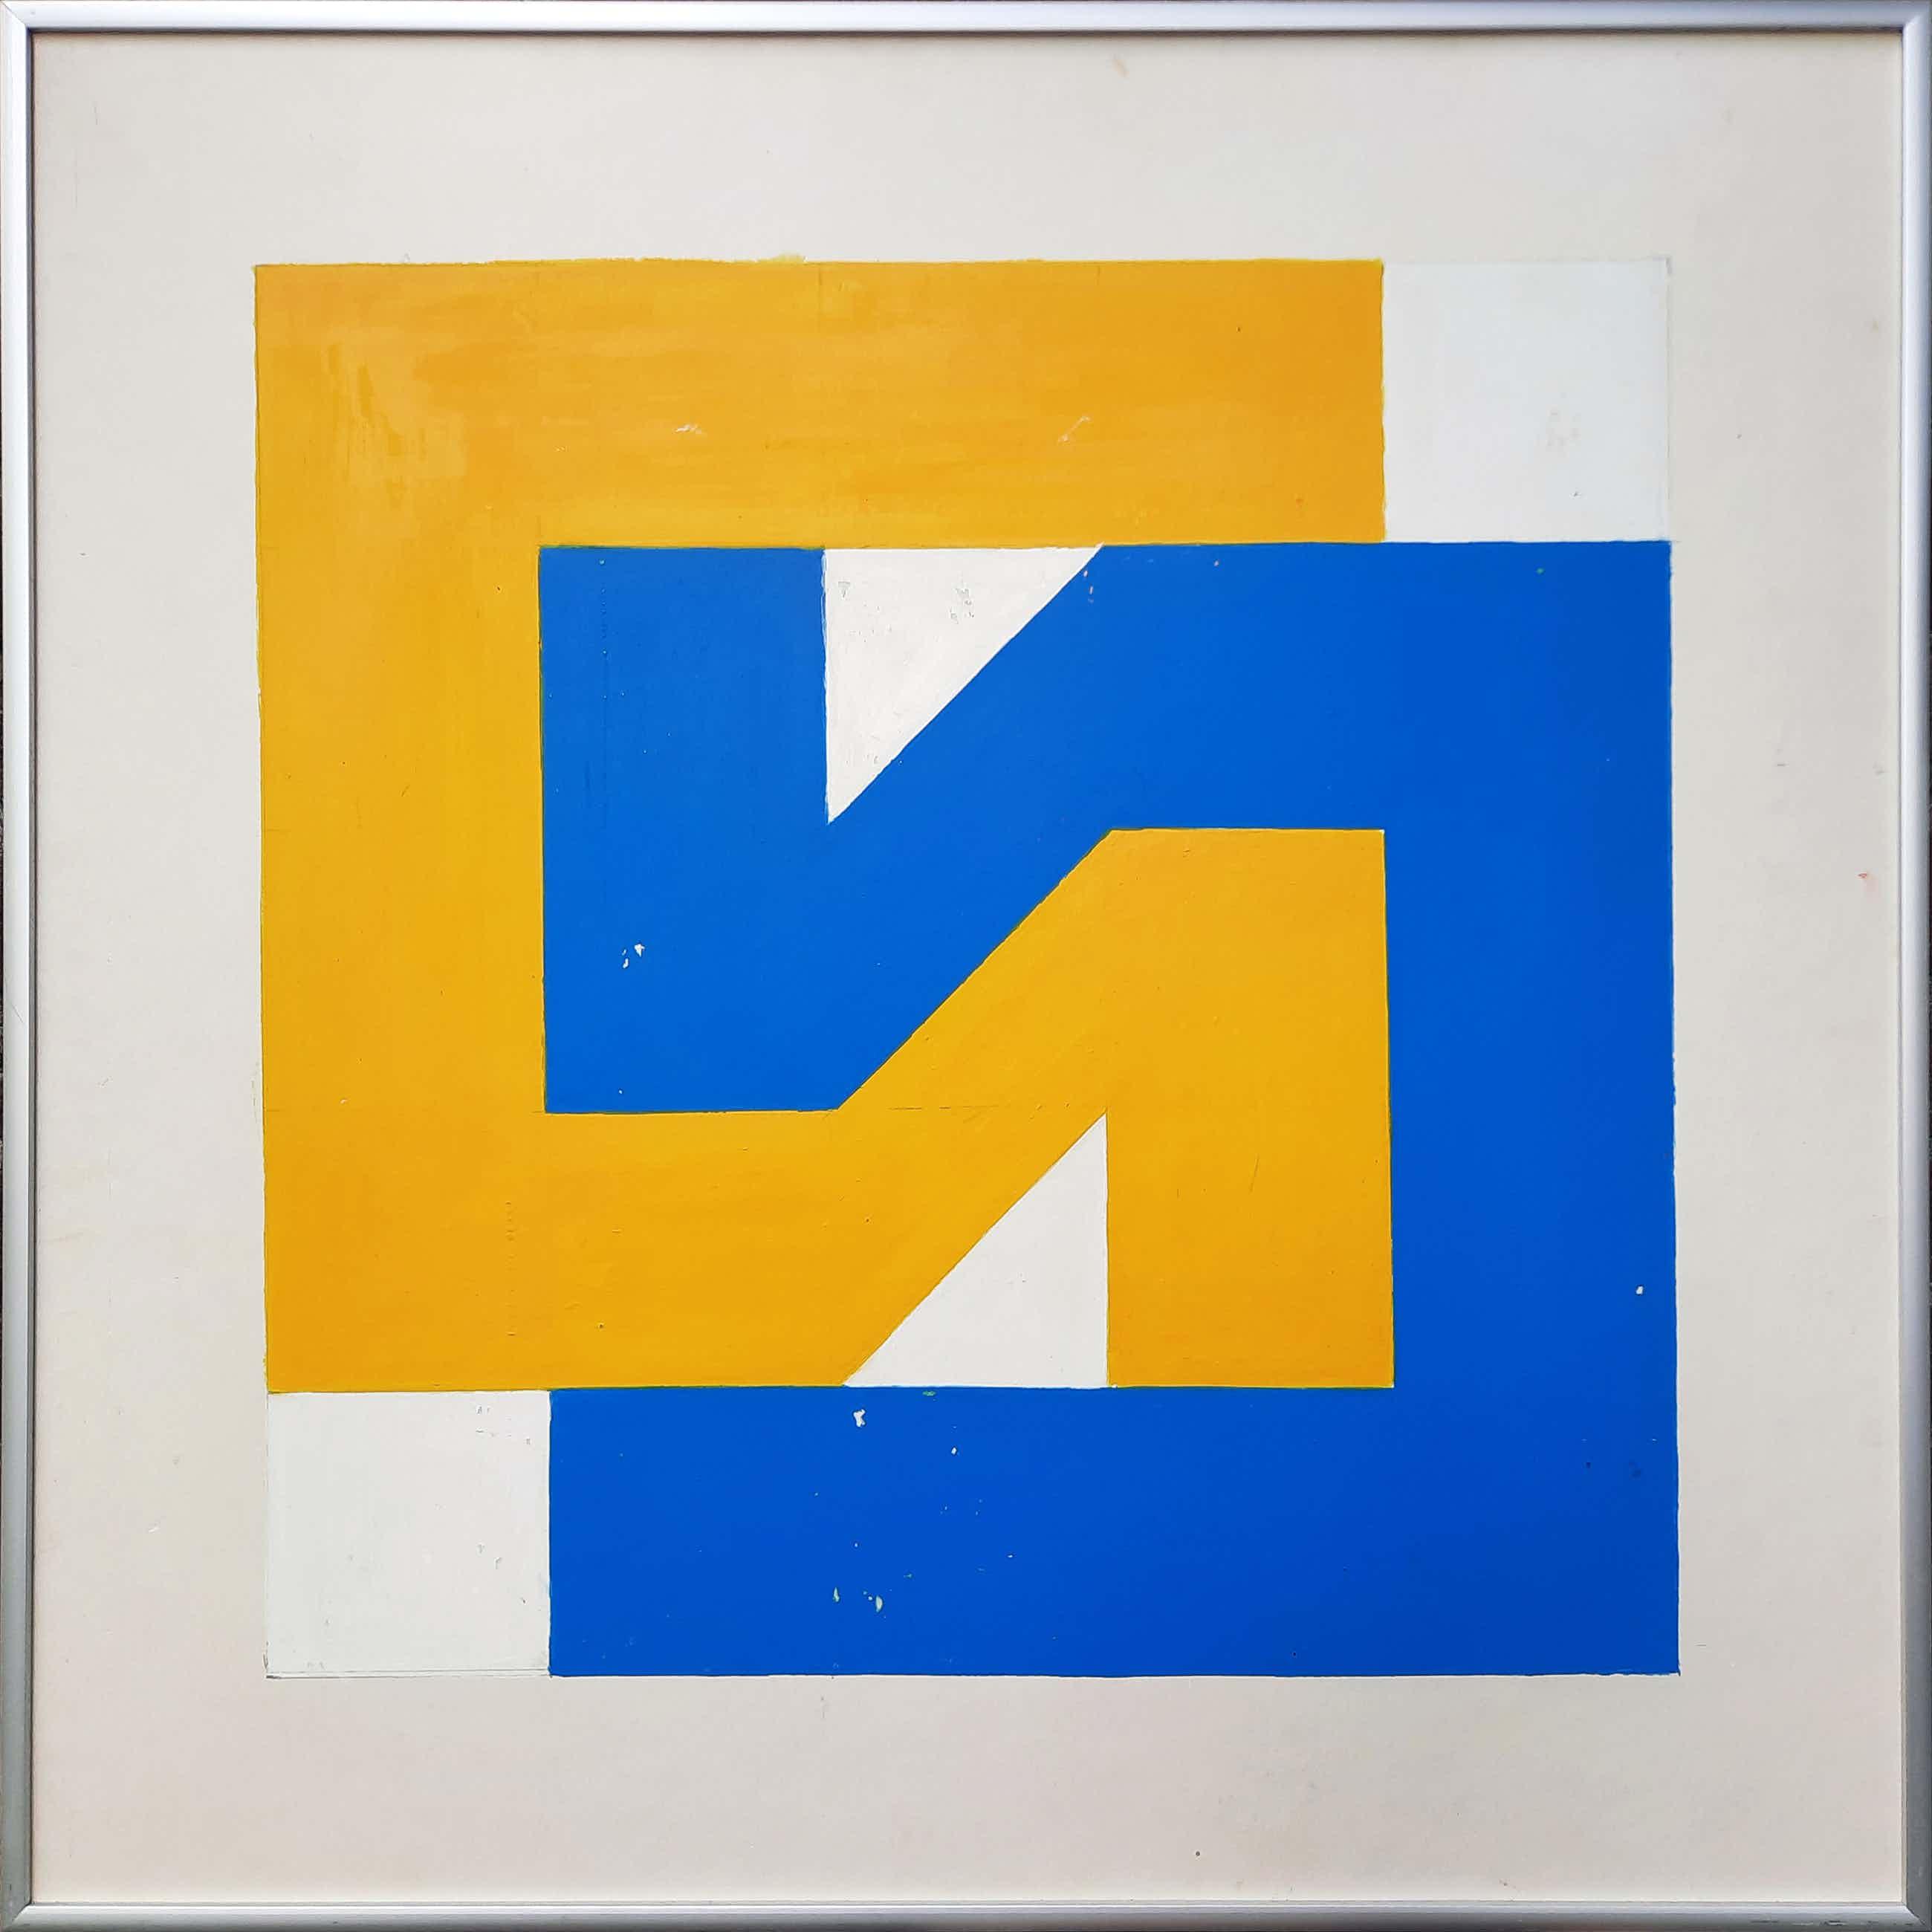 Georg Ruijter - Geometrische compositie [unicum] - 21940 kopen? Bied vanaf 265!